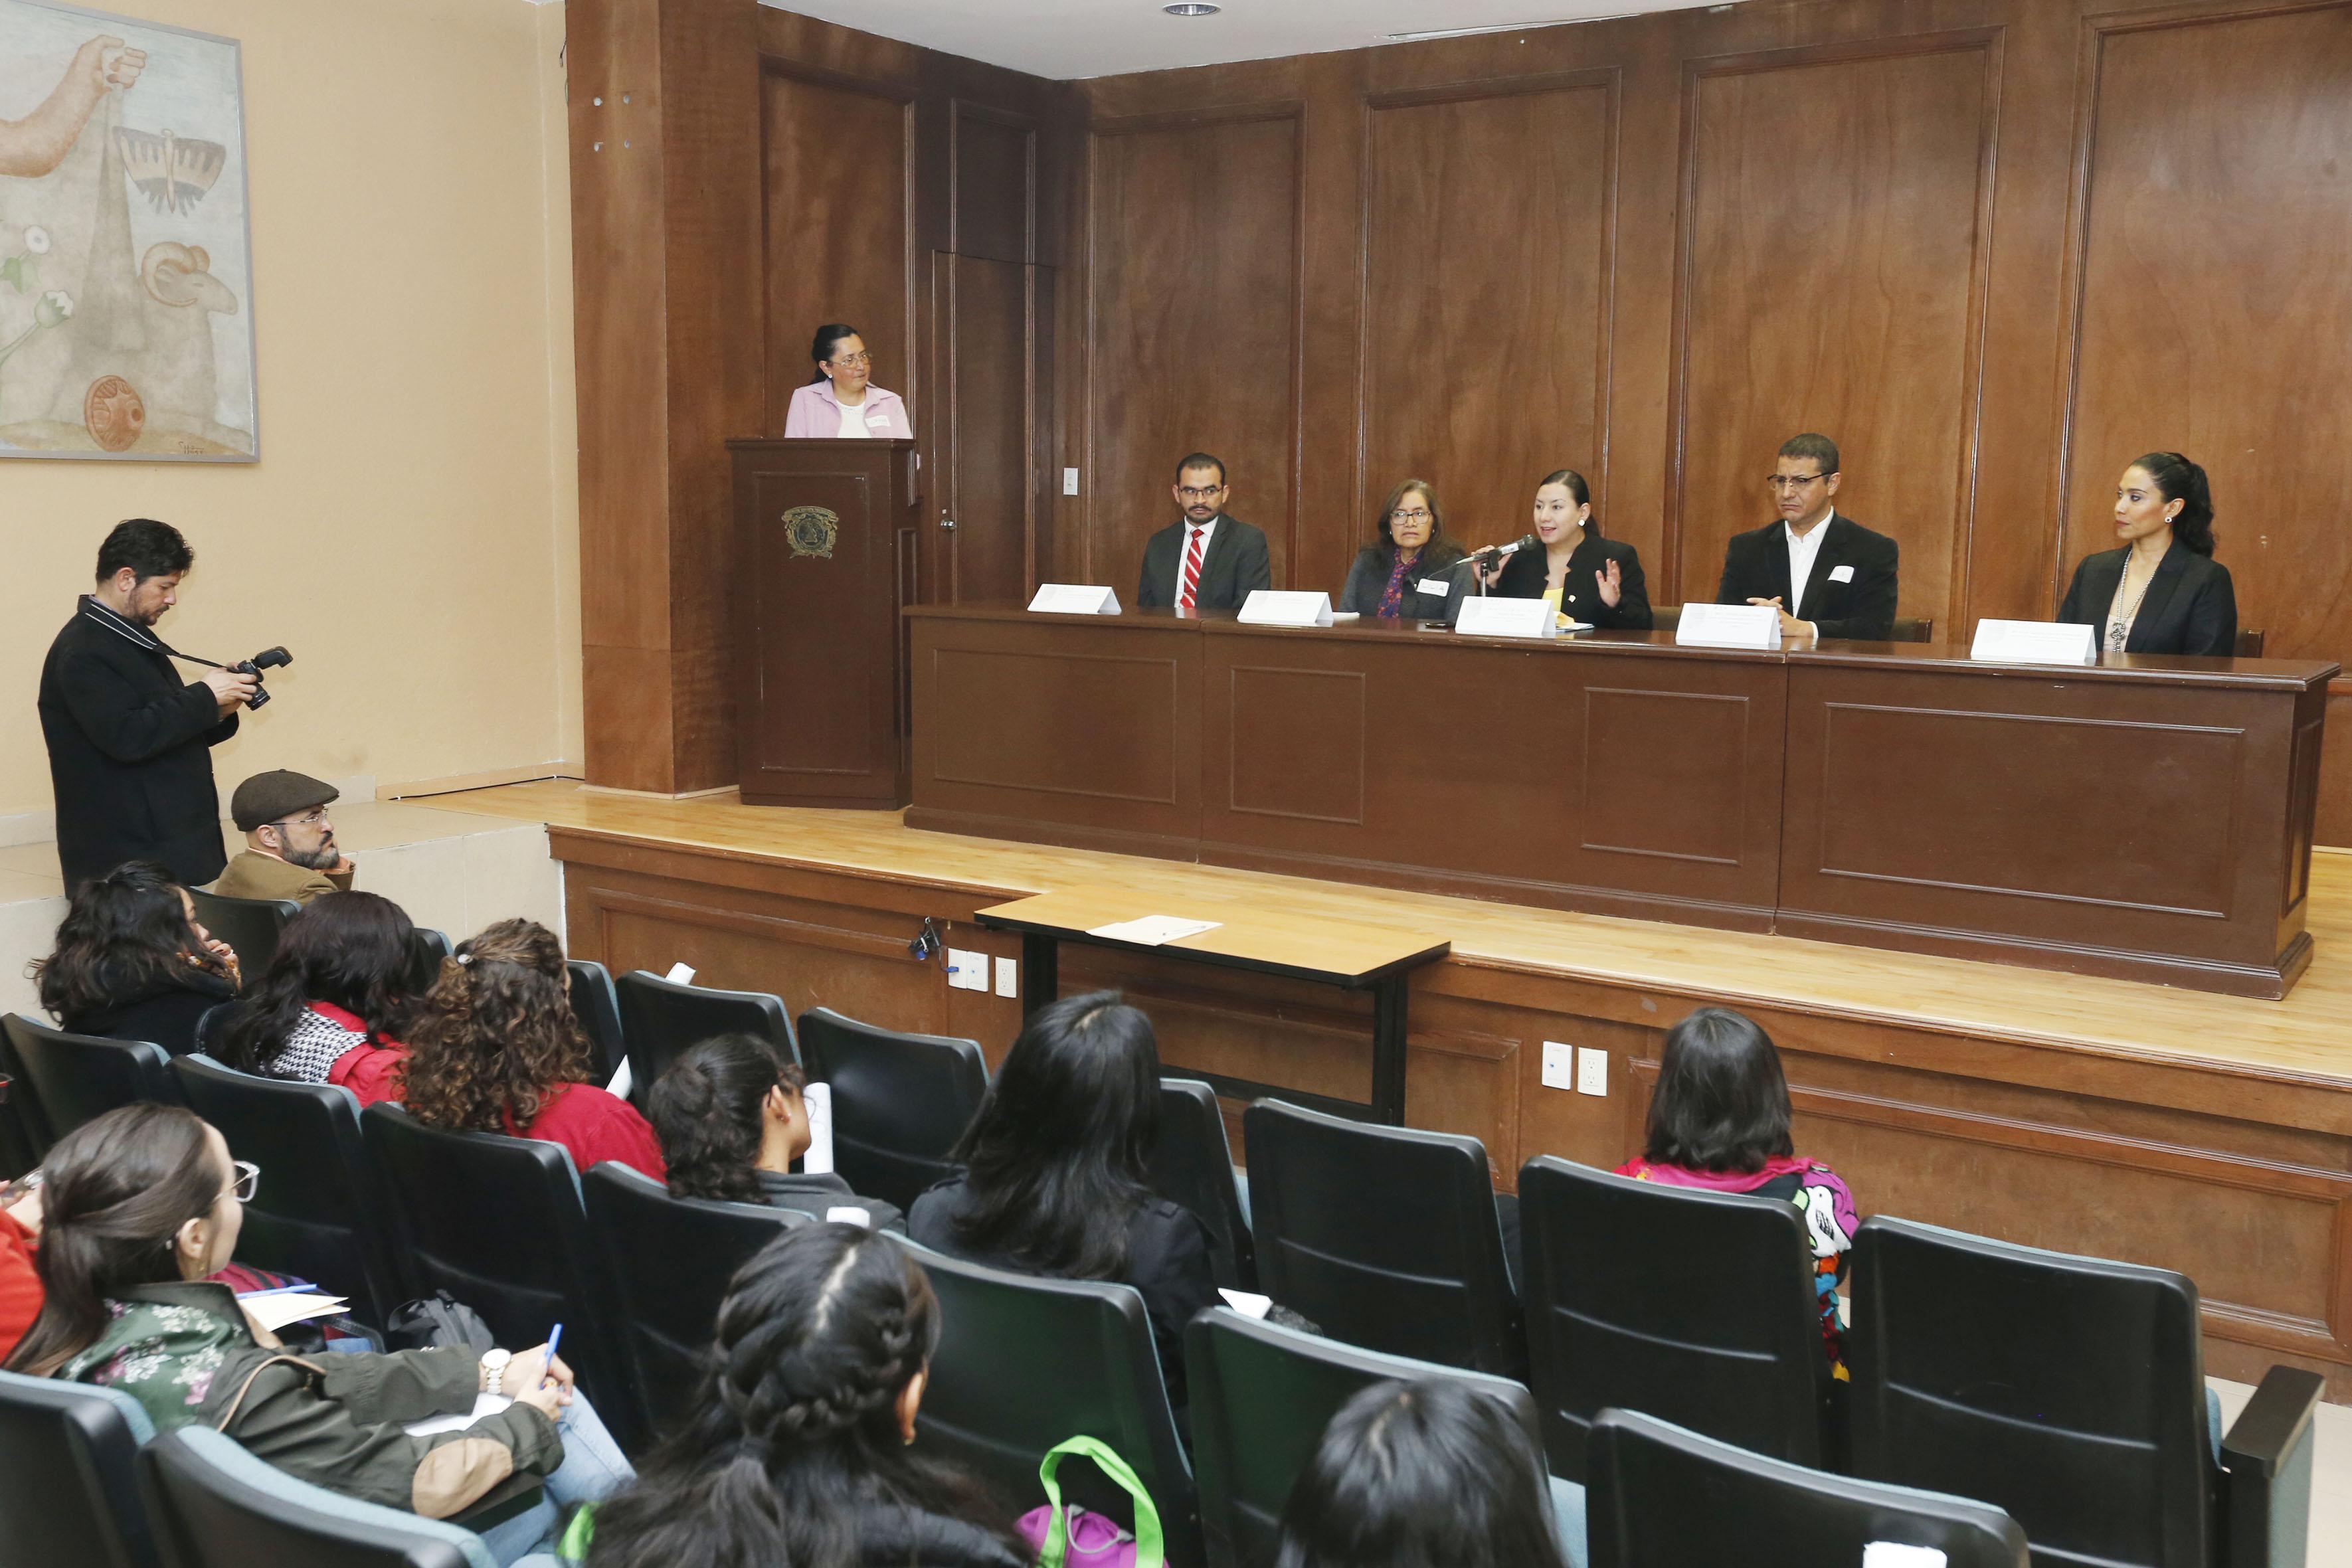 Realizó UAEM Seminario de Formación de Habilidades Profesionales con Perspectiva de Género